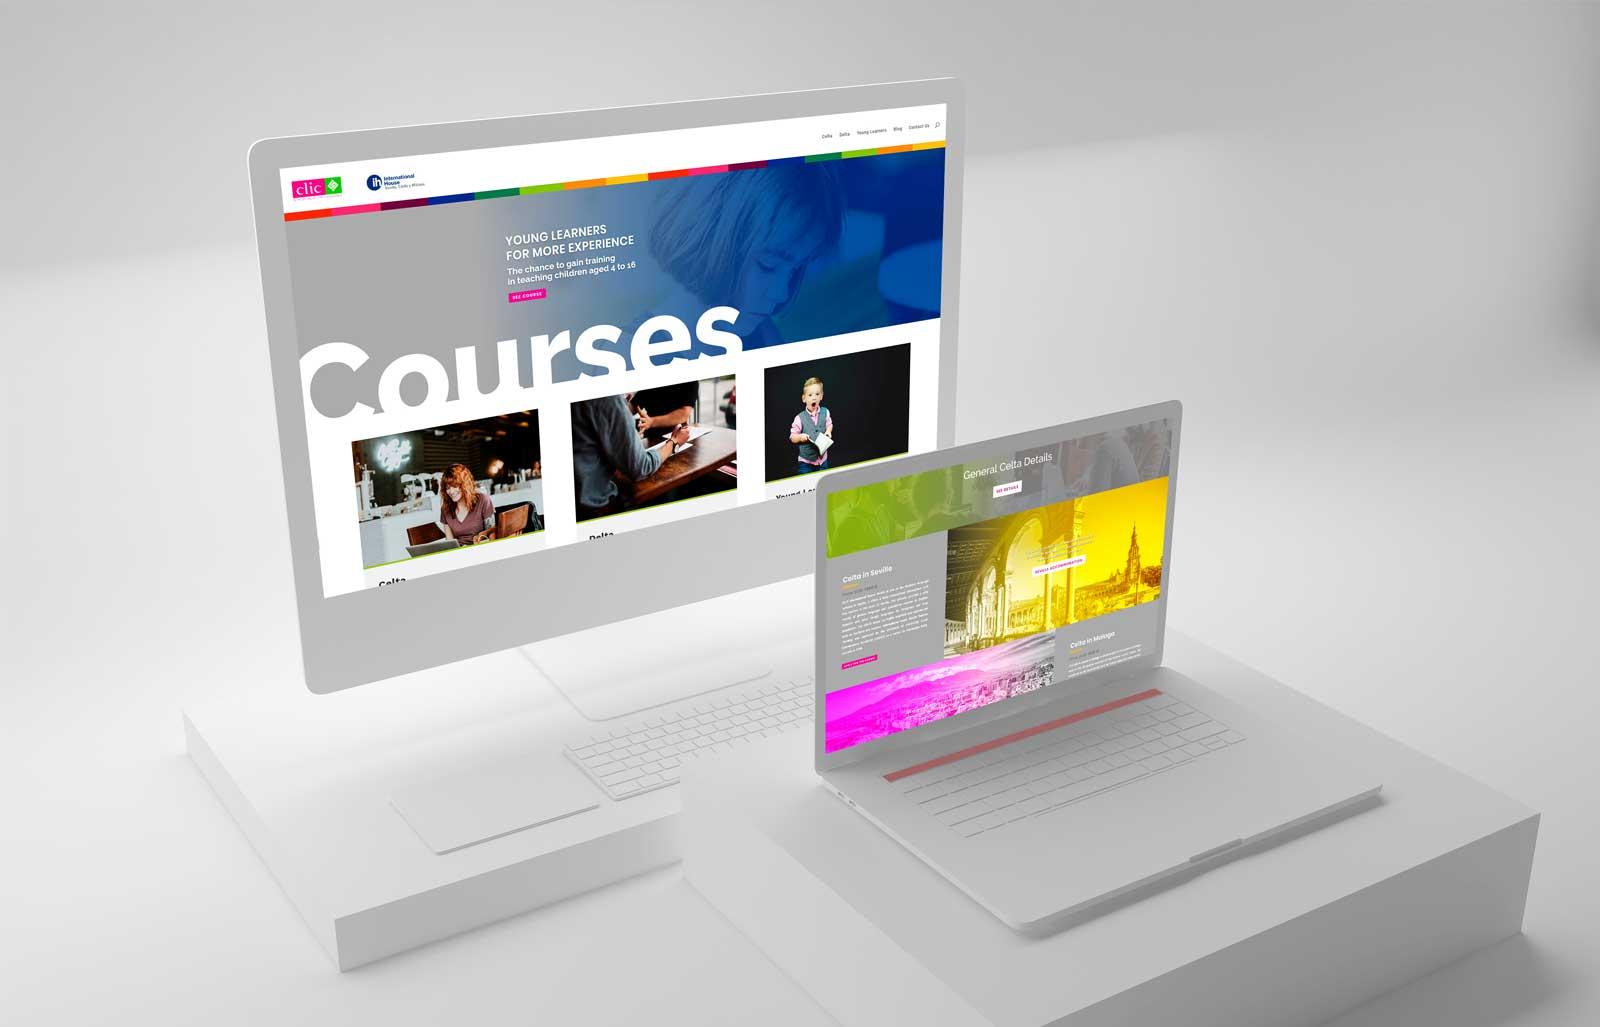 Academia de idiomas CLIC